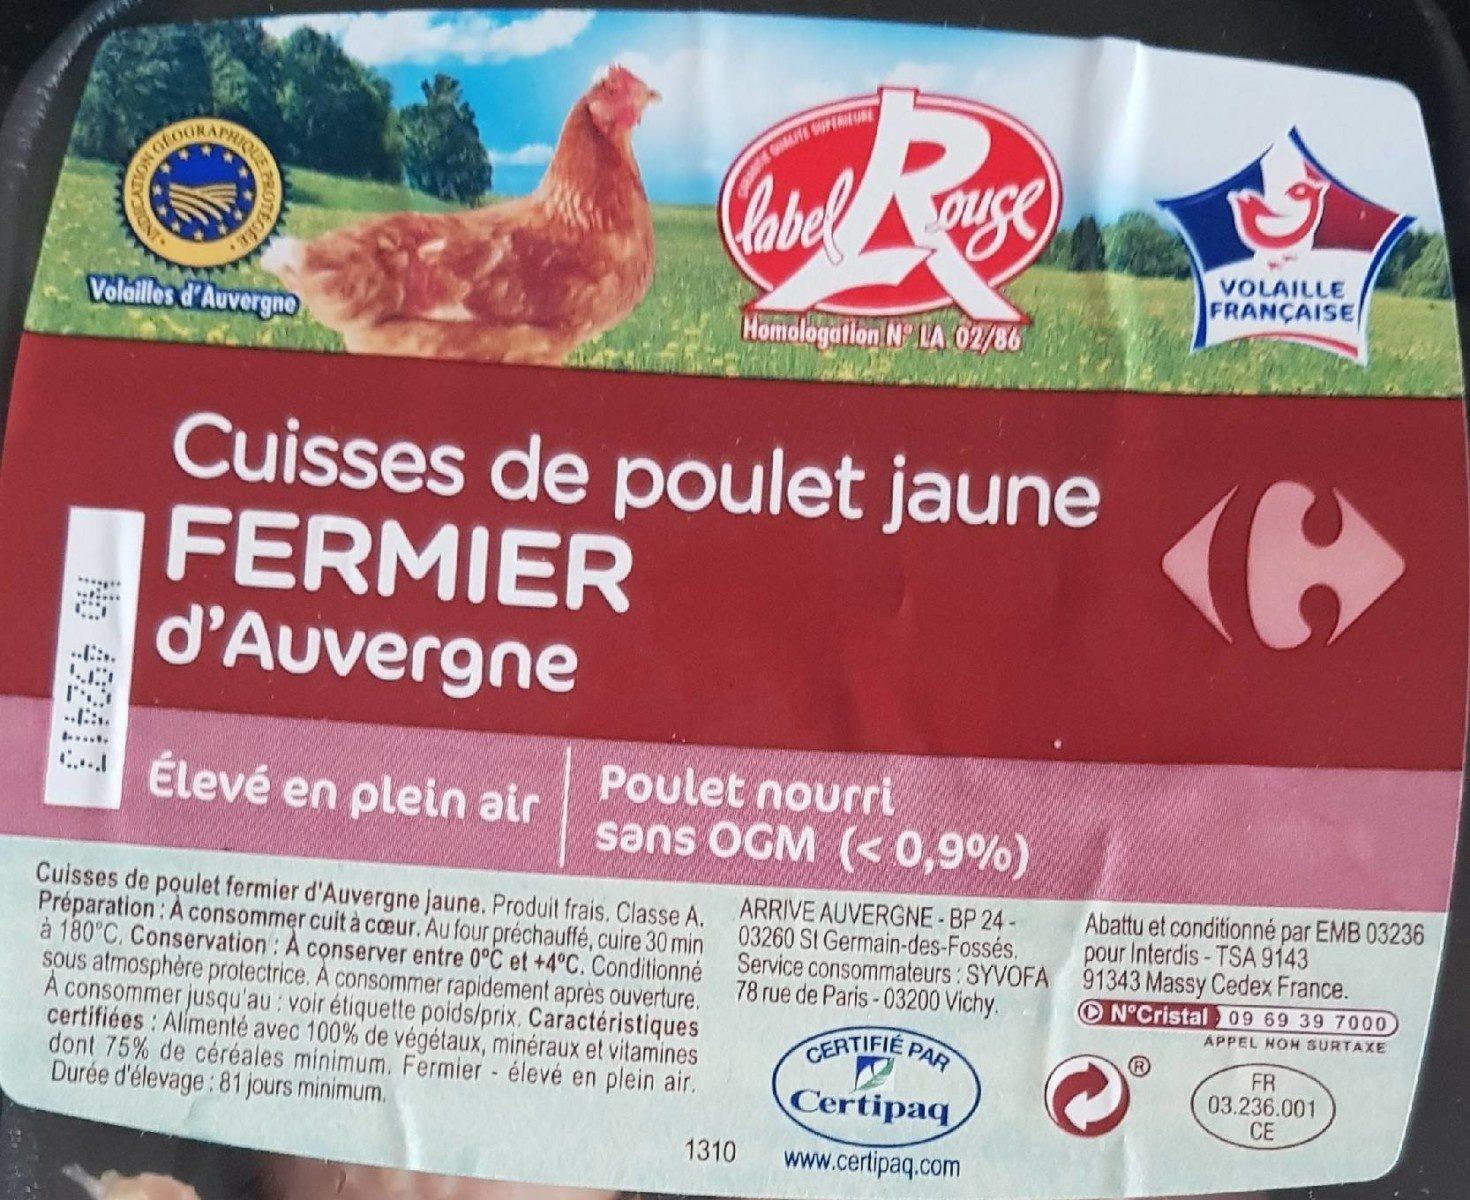 Cuisse de poulet fermier d'Auvergne - Product